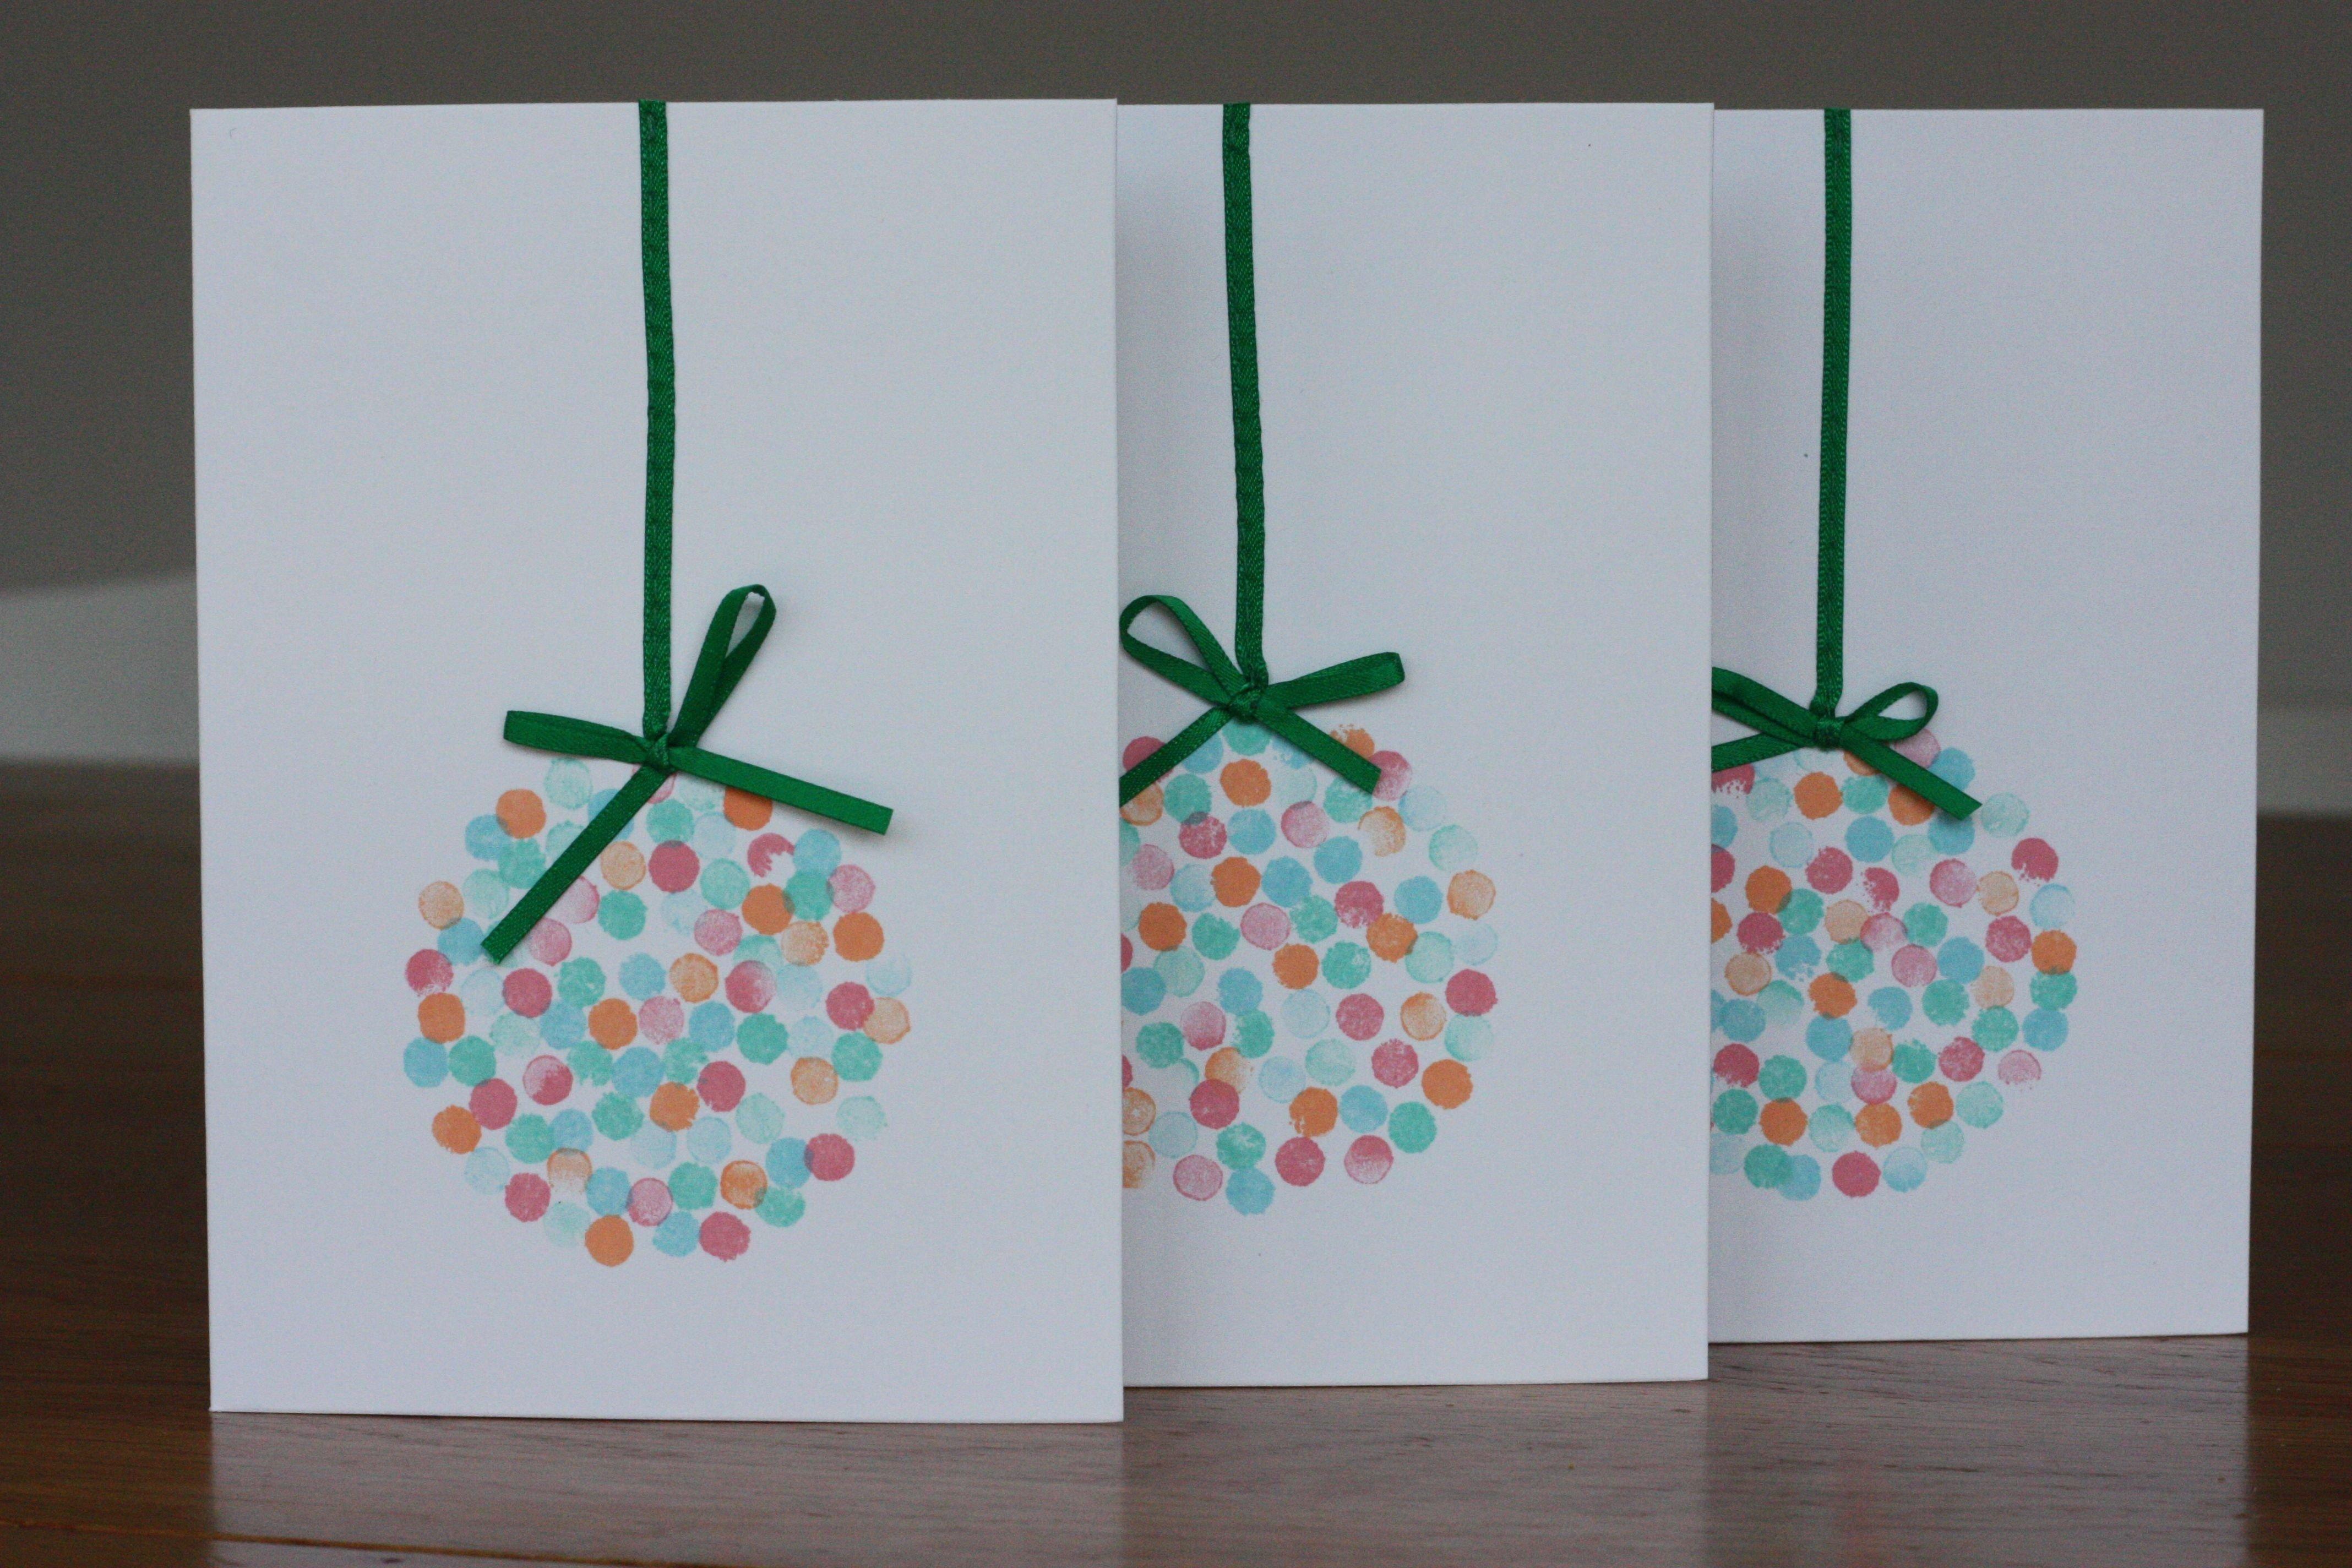 10 Pretty Ideas For Homemade Christmas Cards creative handmade card ideas for christmas homemade christmas 2 2020